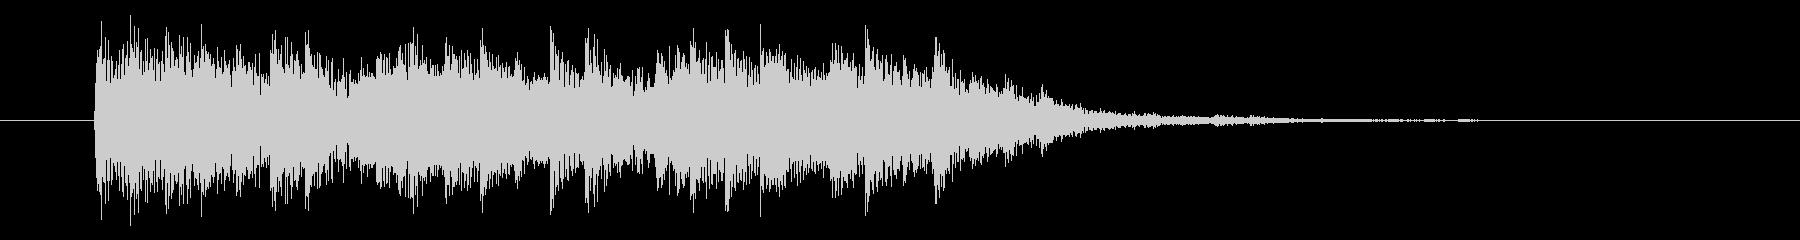 シンセ アコギ ジングル サウンドロゴの未再生の波形